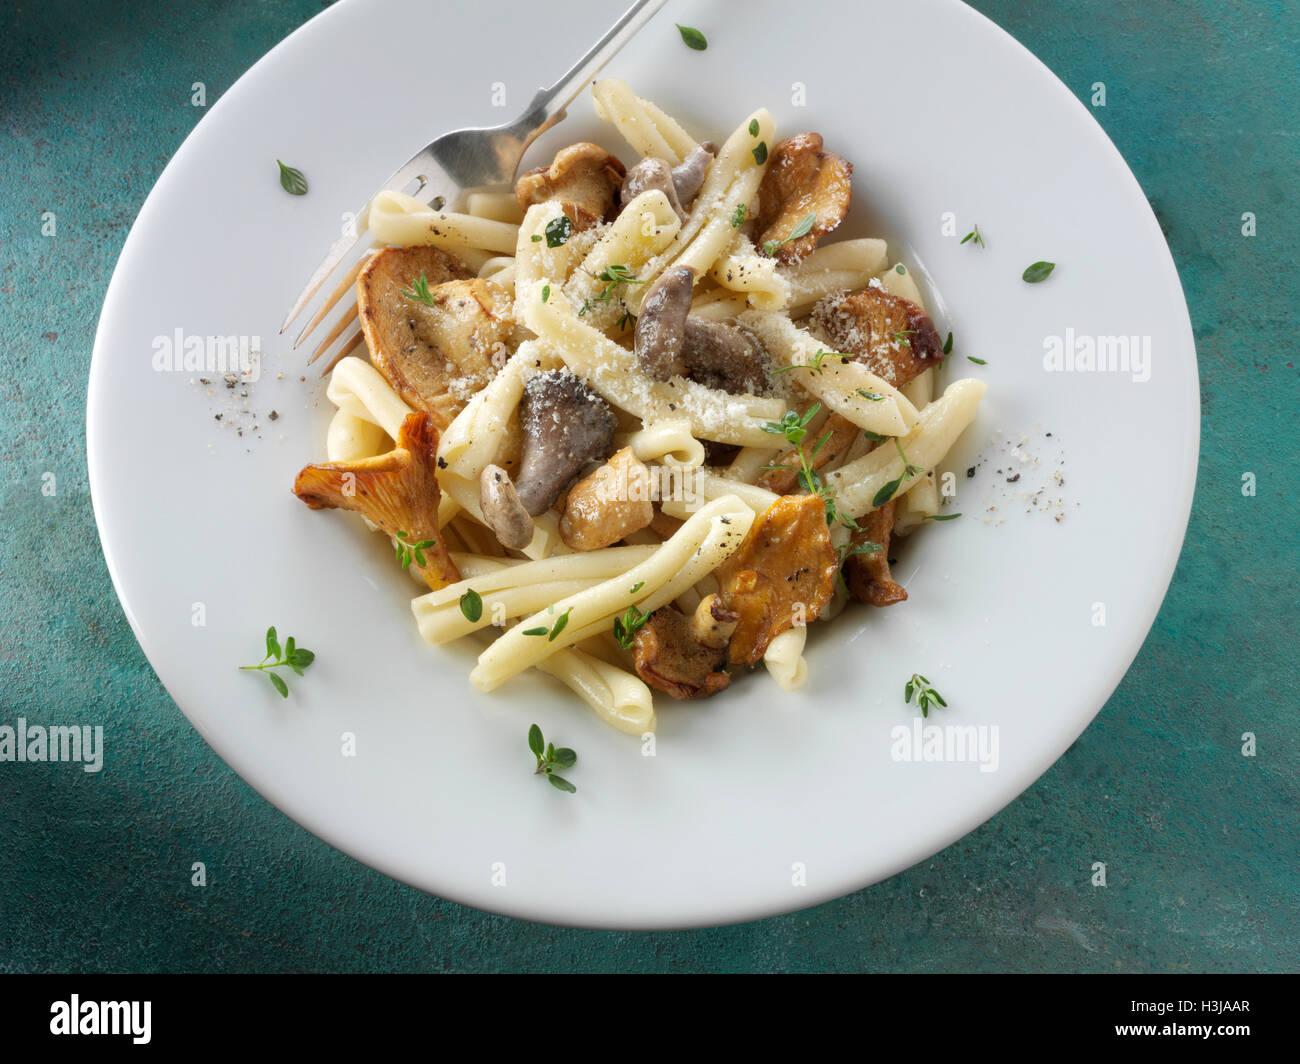 Wiild chanterelle o girolle, farina di semola rimacinata o riccio, Pied Bleu o piede blu musrooms con pasta Immagini Stock